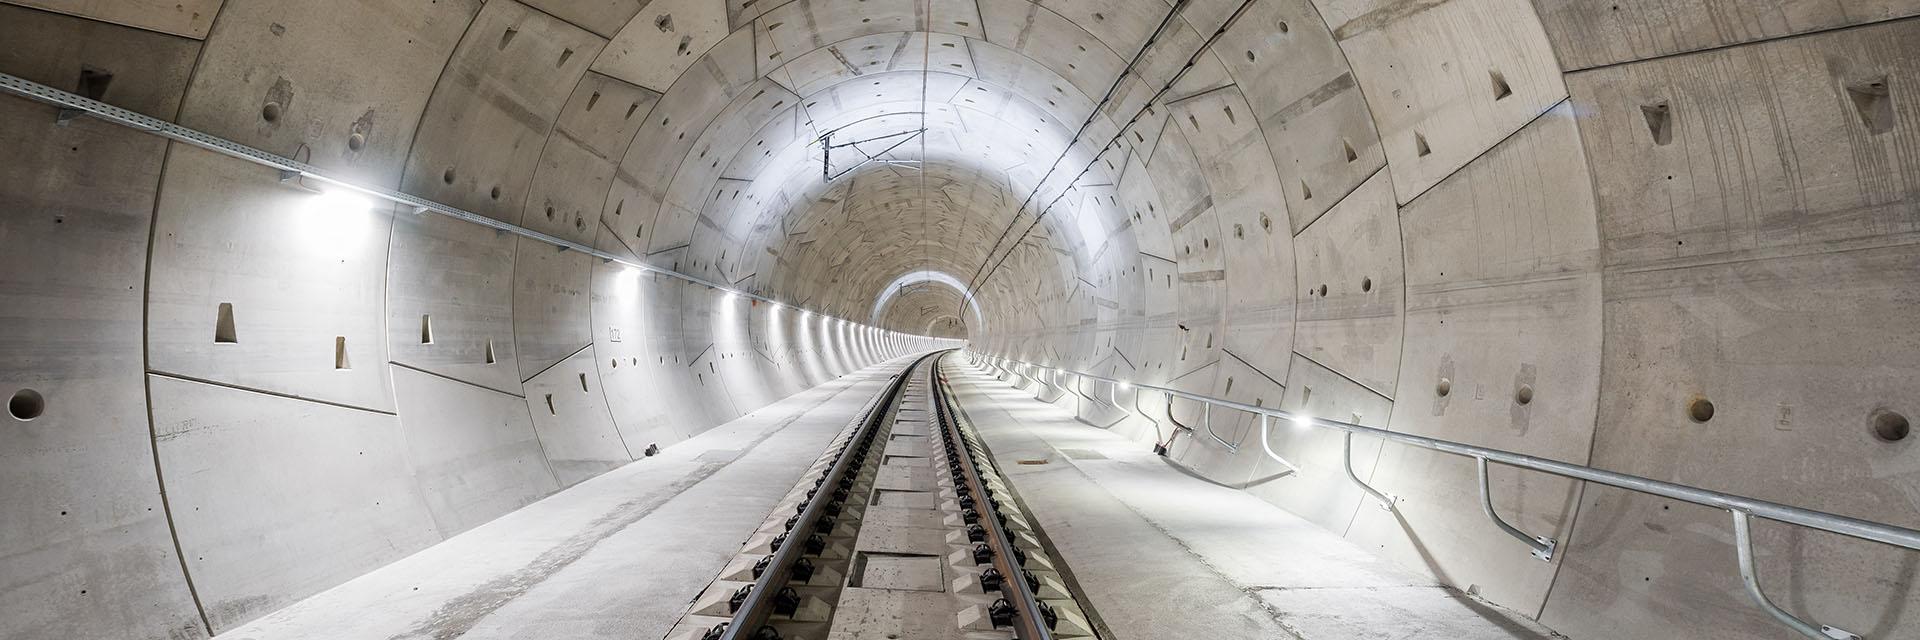 železniční tunel Ejpovice / fotografování architektury / fotograf Vojtěch Pavelčík